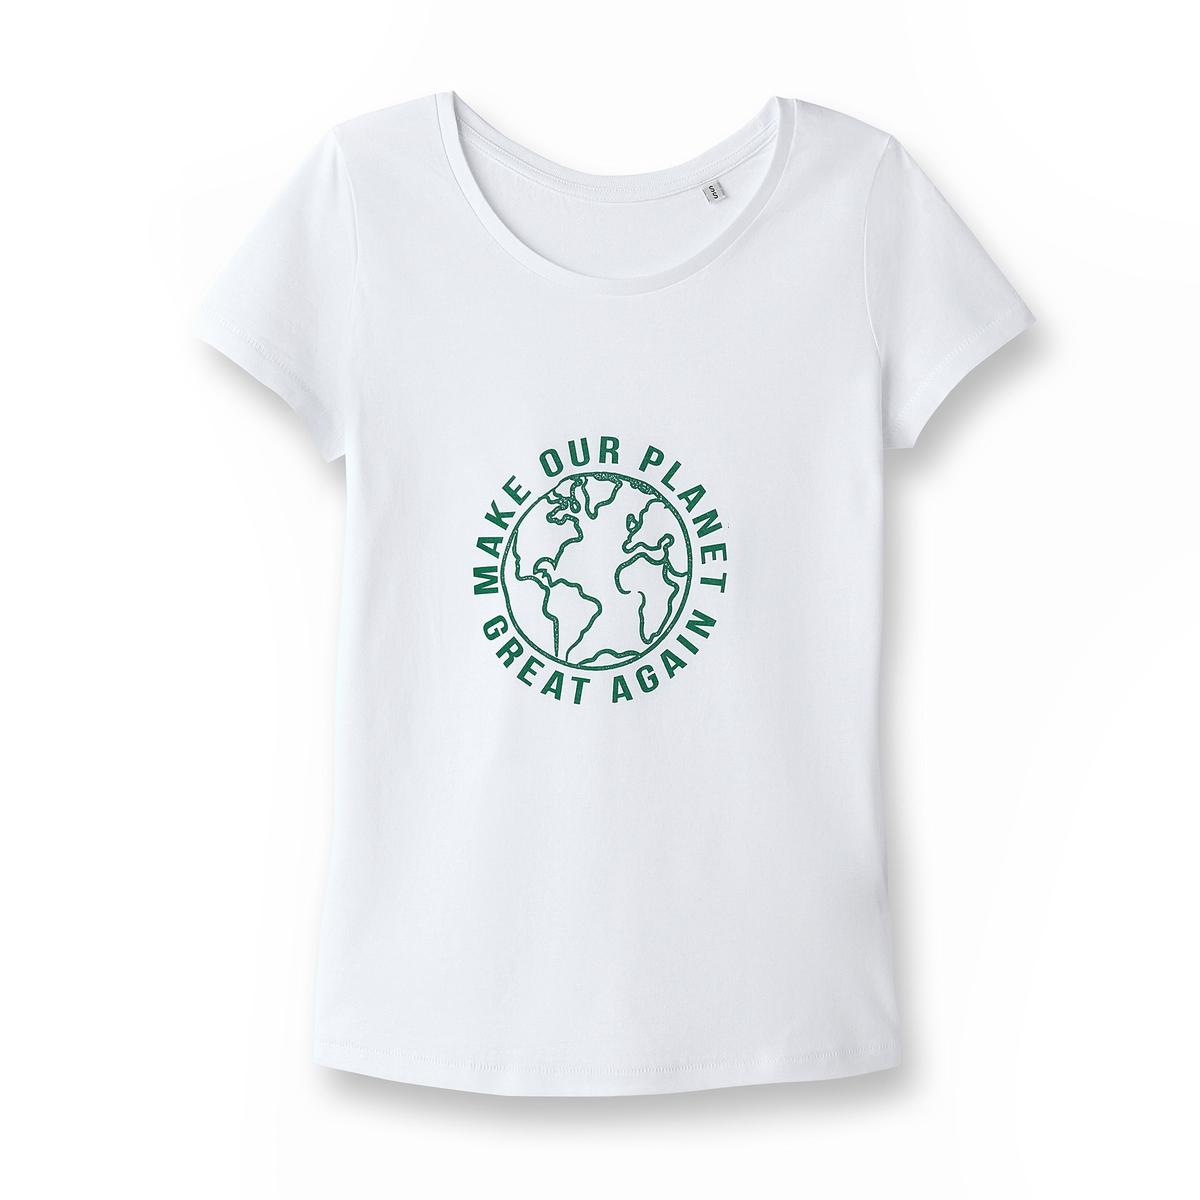 Футболка из биохлопкаЗа каждую проданную футболку, La Redoute перечисляет 1€ Envol'Vert..Также собранная сумма позволит участвовать в проекте озеленения леса в Колумбии. .                          Более подробно : http://envol-vert.org/projets/restauration-forestiere-et-noyer-maya/                 Состав и описаниеМатериал:100% био-хлопокМарка: La Redoute Collections совместно с Envol'Vert             Уход:             Стирать при 30° с изделиями схожих цветов             Отбеливание запрещено             Гладить при умеренной температуре             Сухая (химическая) чистка запрещена             Машинная сушка запрещена                          Преимущества : Био-продукт.             Выращенный без использования пестицидов и химических удобрений био-хлопок изготовлен с заботой о почве, воде и людях, возделывающих его.             Мы заботимся о сохранении окружающей среды и здоровья людей.<br><br>Цвет: белый,серый меланж<br>Размер: L.S.L.S